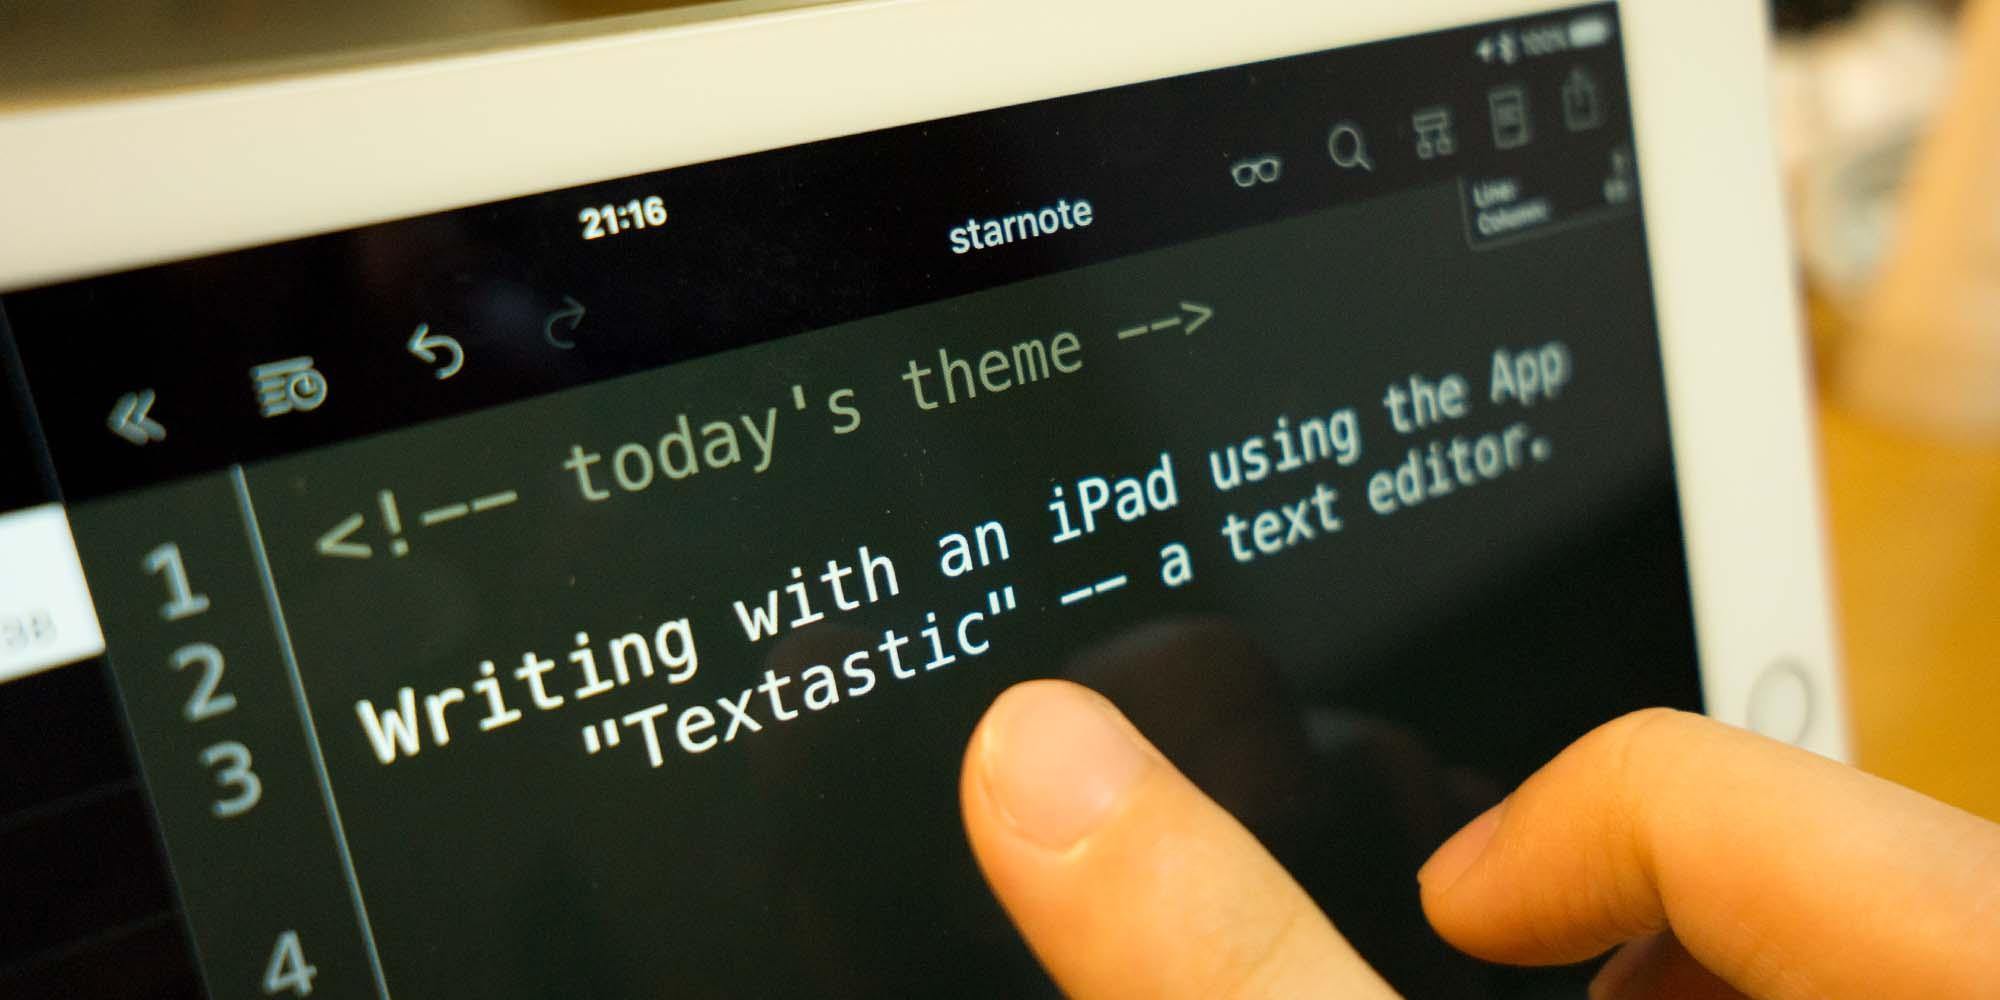 ipad_textastic